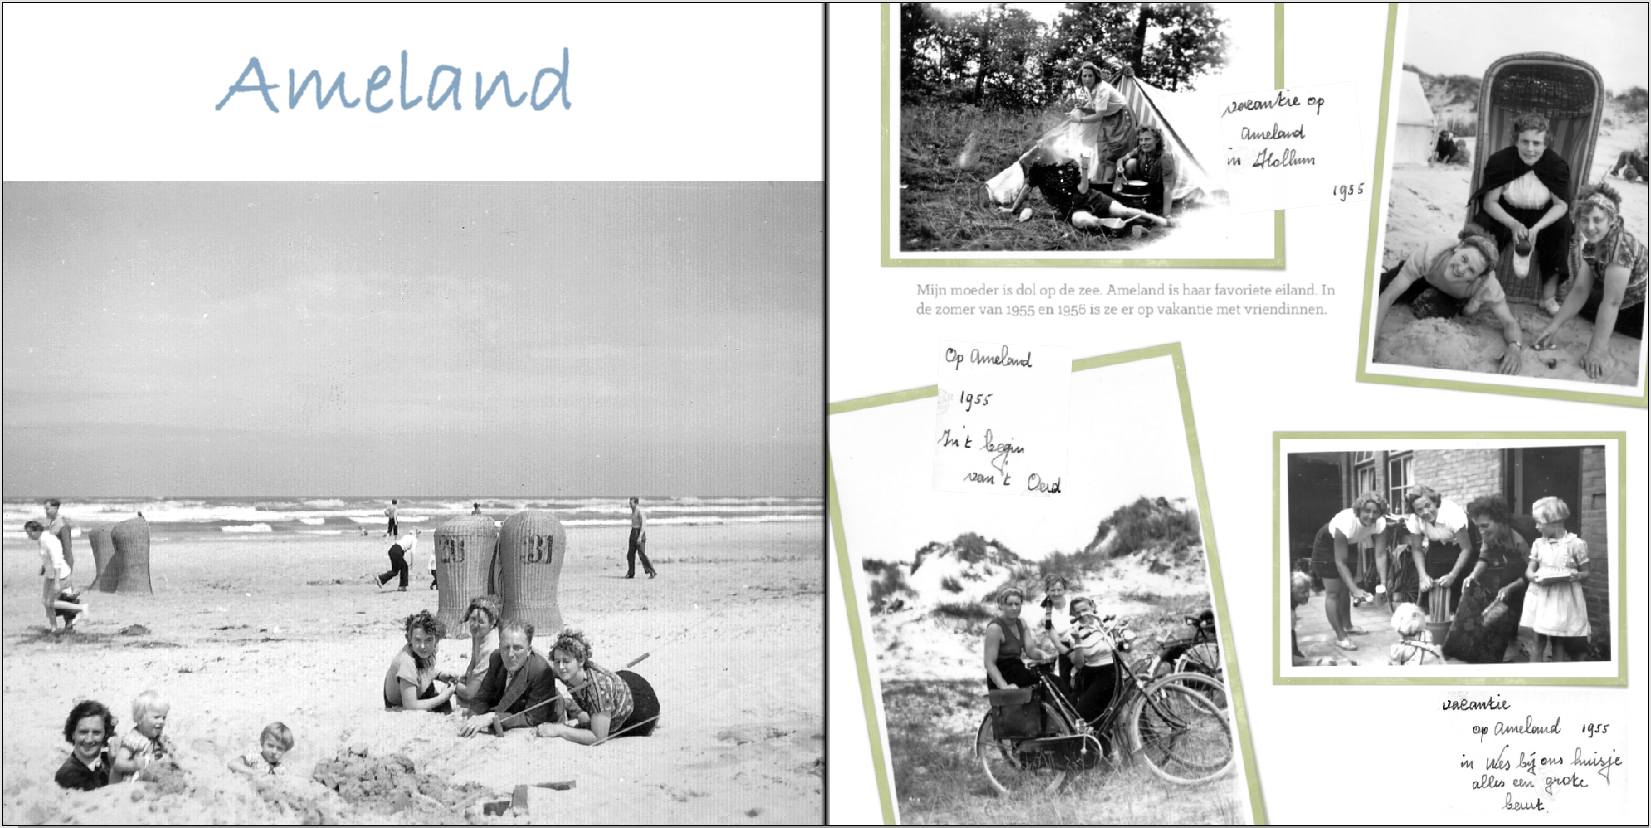 mogelijkheden opties herinneringsboek fotoboek boek laten maken